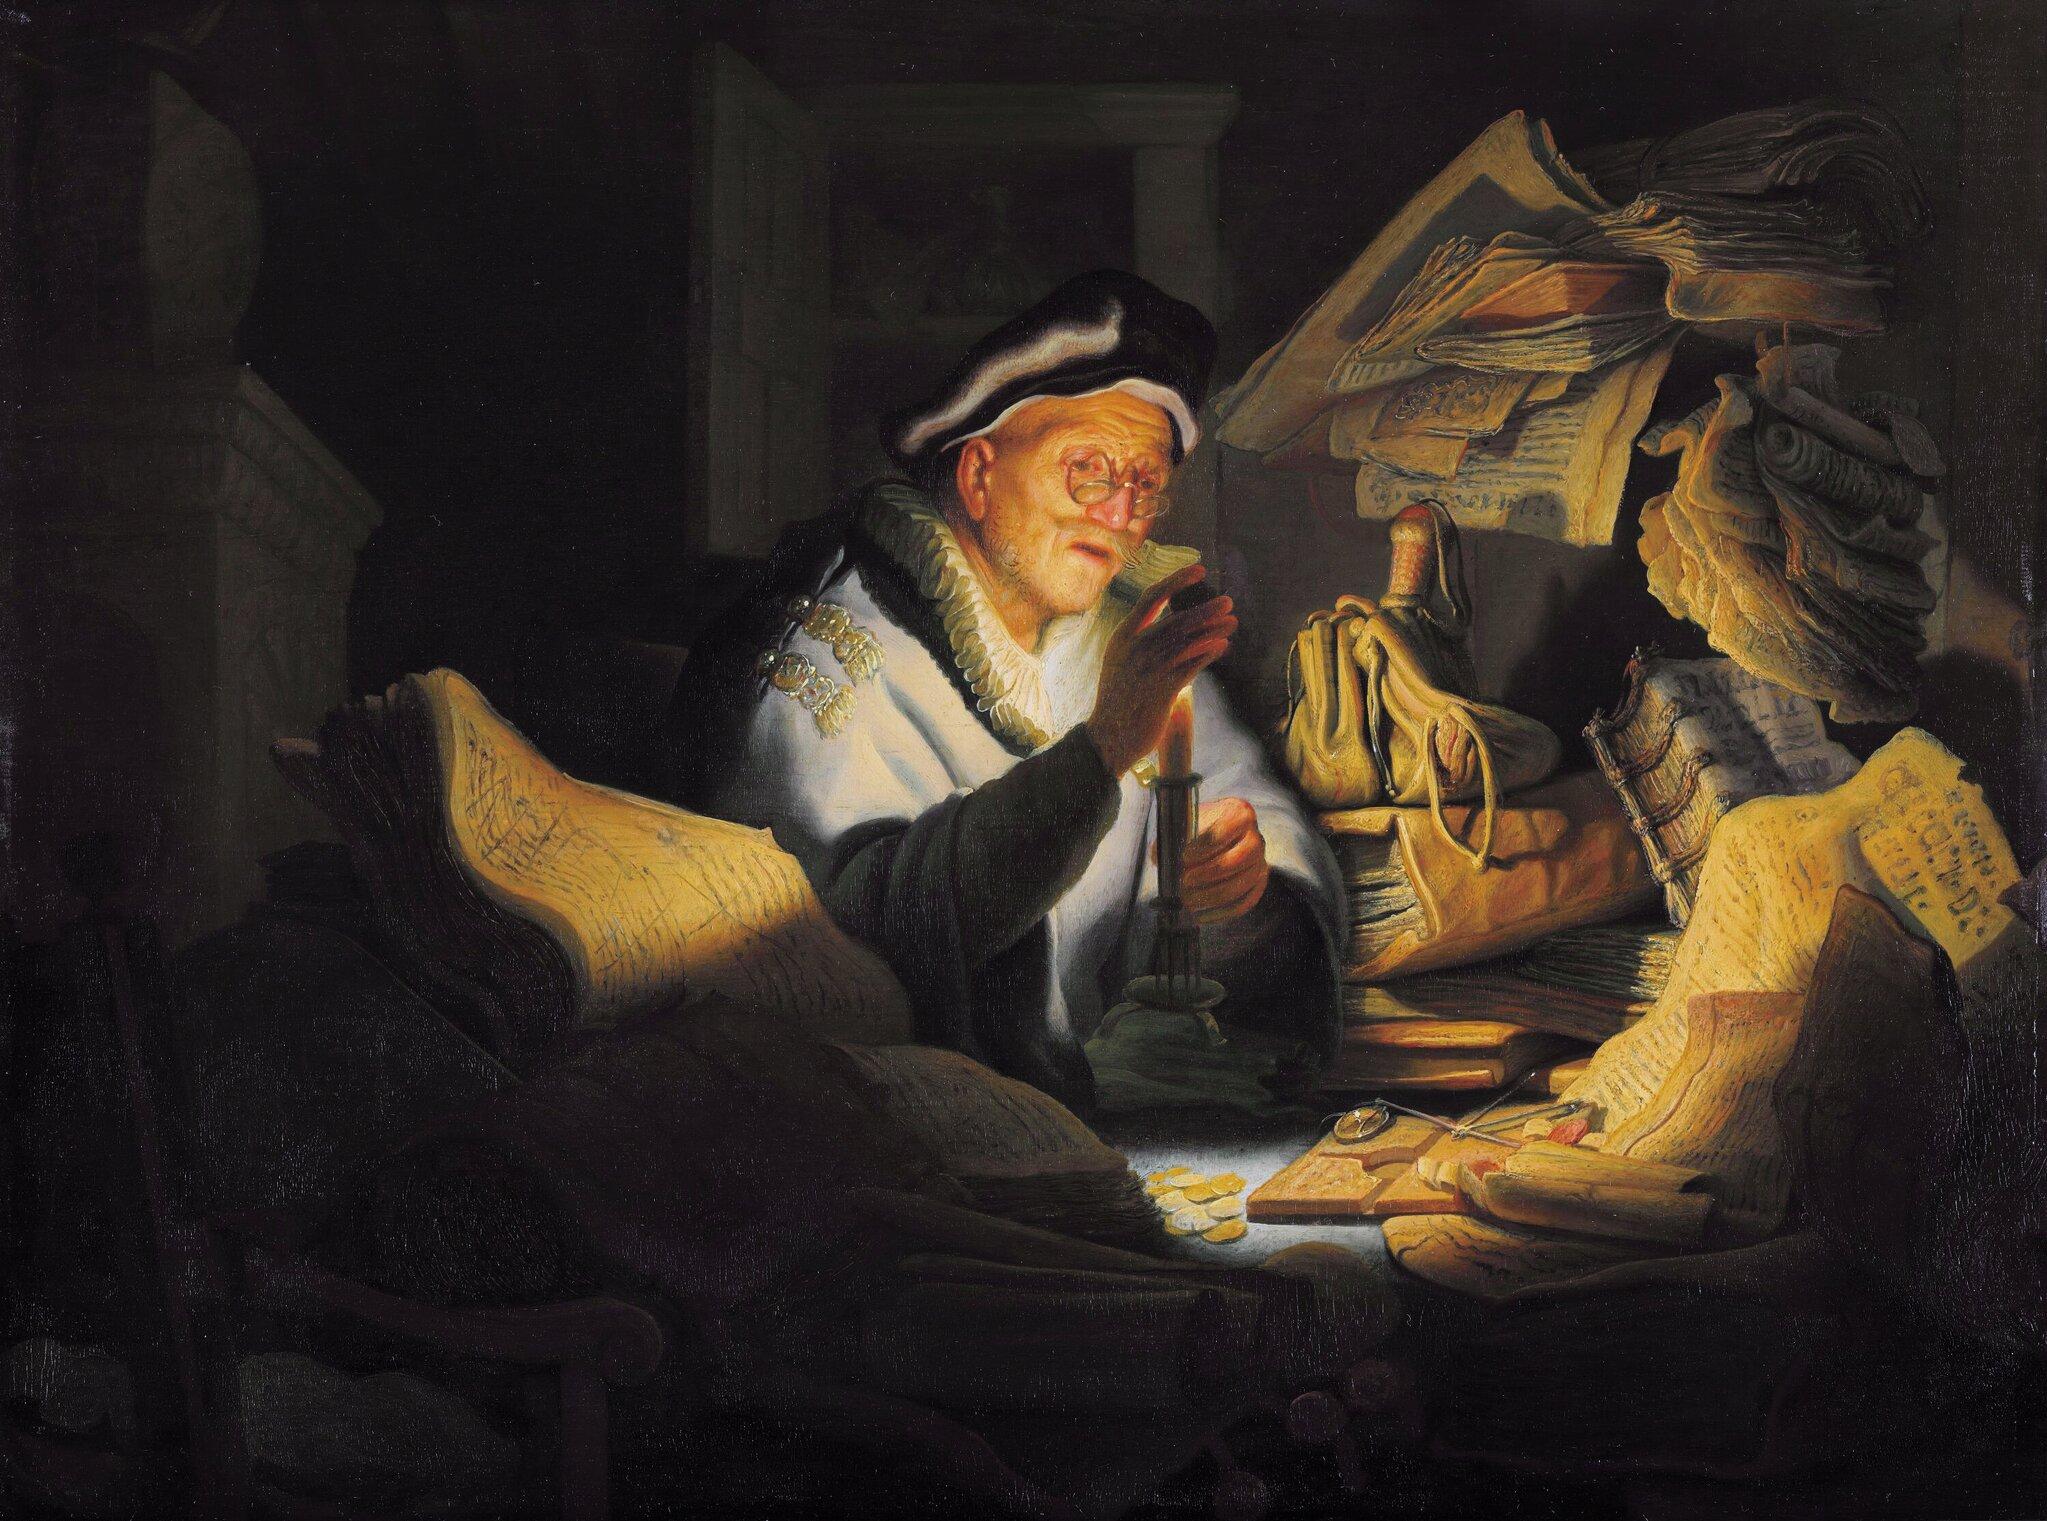 Przypowieść obogaczu Źródło: Rembrandt van Rijn, Przypowieść obogaczu, 1627, Gemäldegalerie, Berlin, domena publiczna.